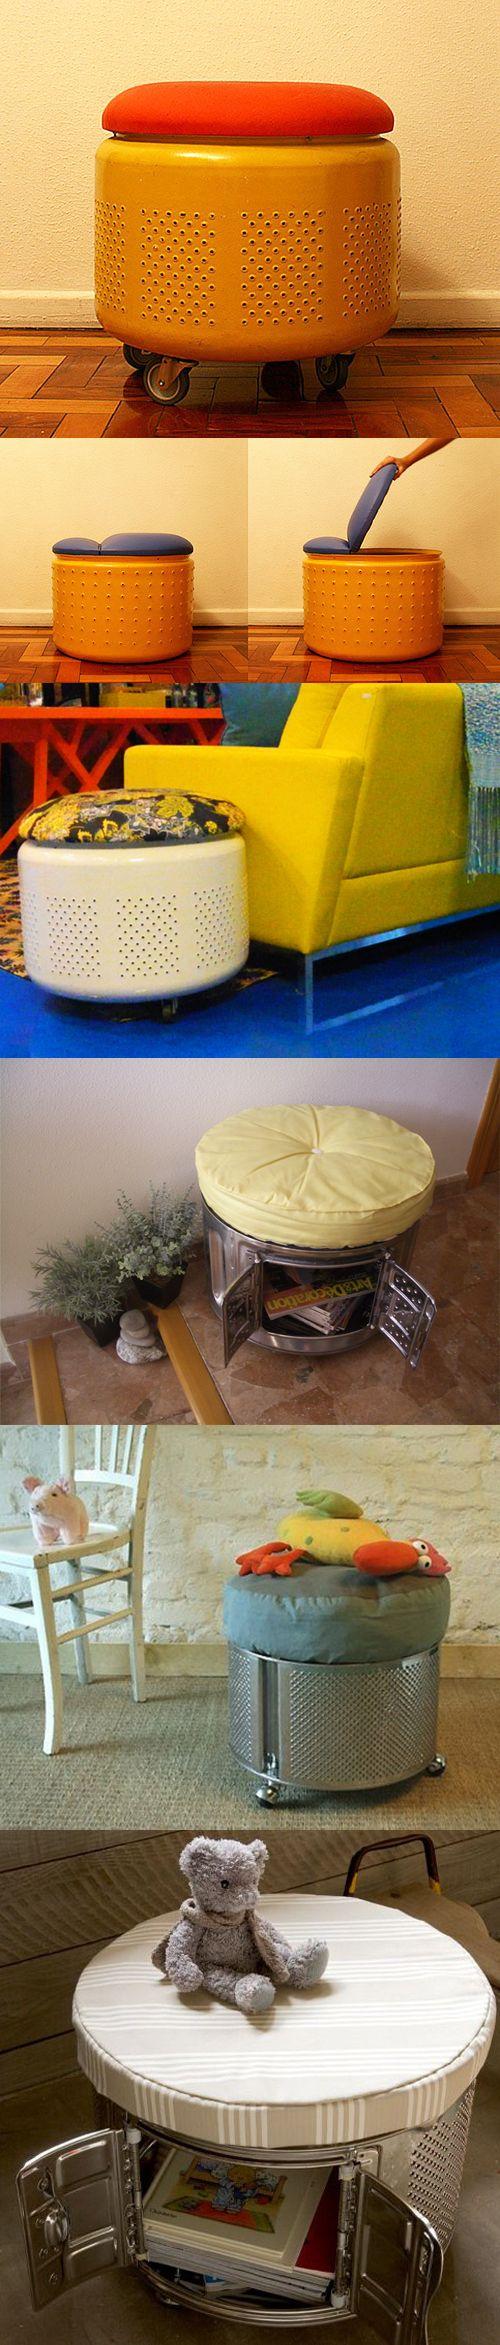 Reciclando un tambor de lavadora como un banquito o revistero.